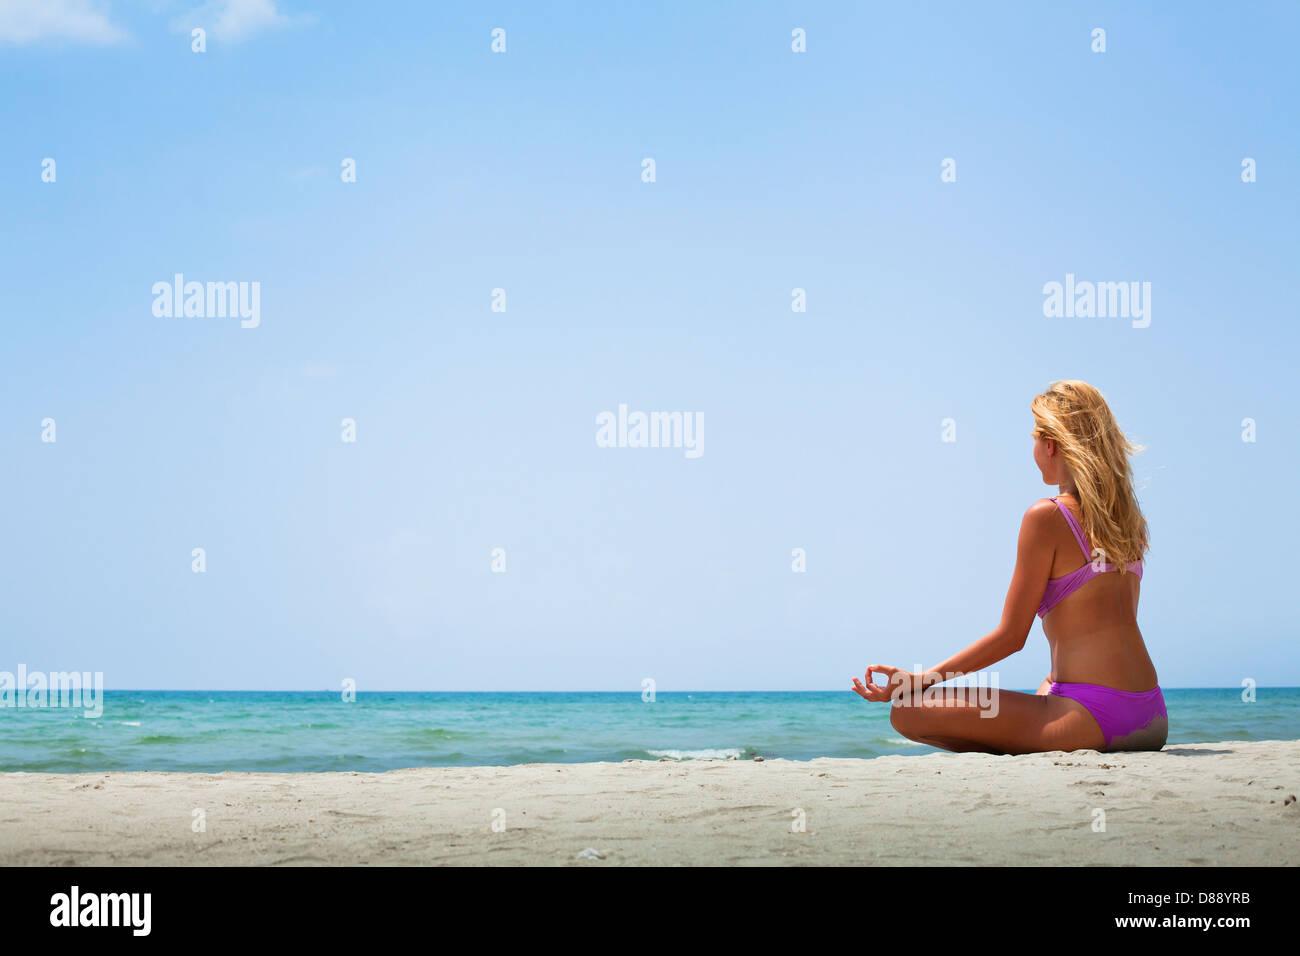 Le yoga en journée ensoleillée sur la plage Photo Stock